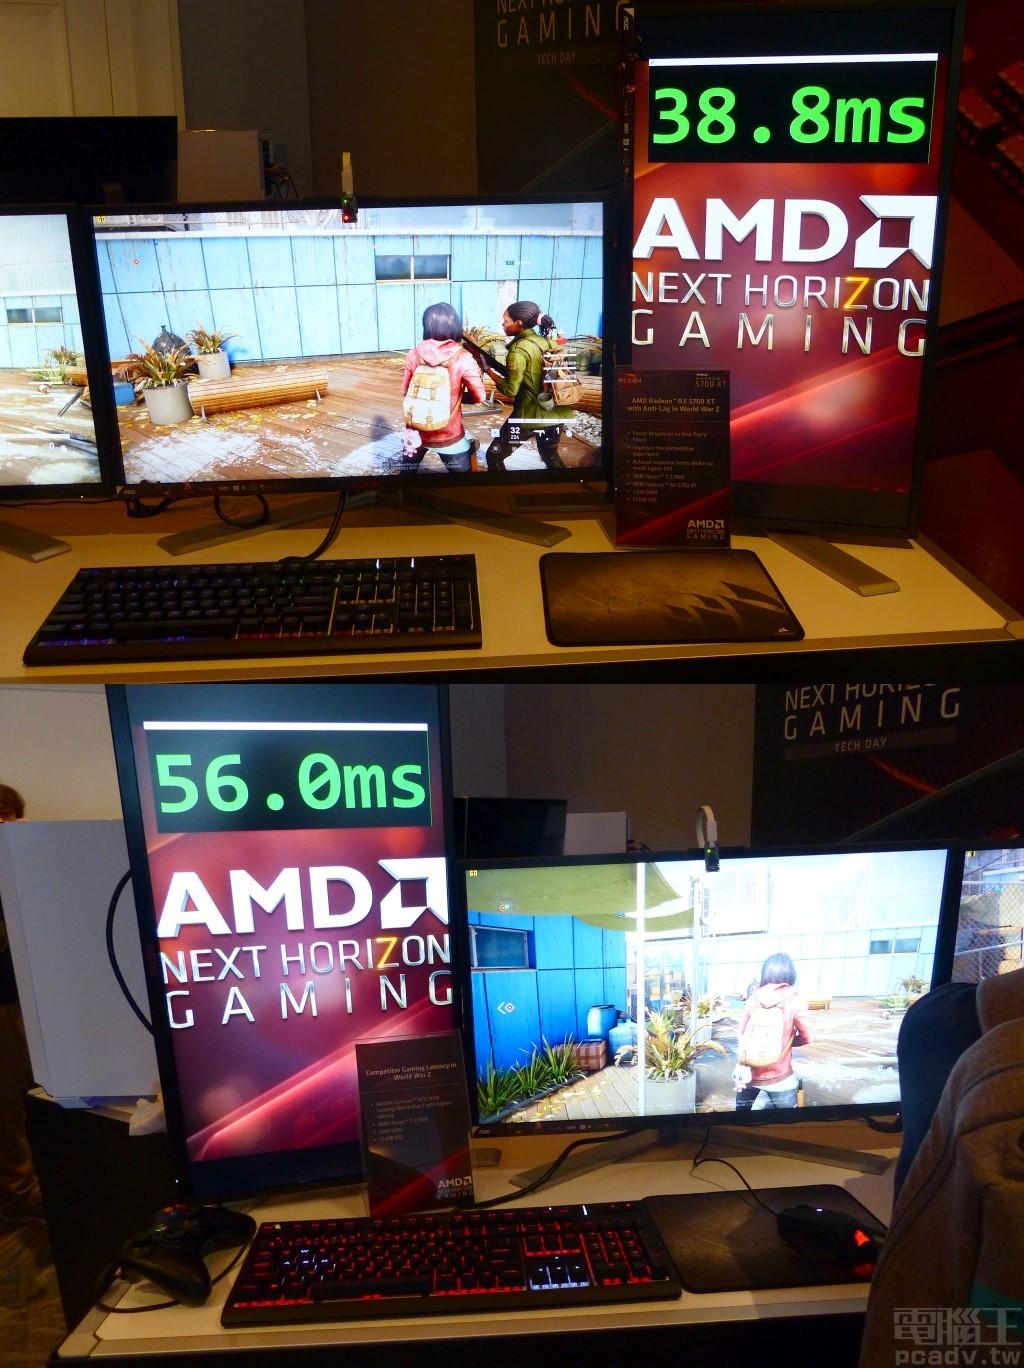 ▲ 實際展示 Radeon RX 5700 XT 開啟 Radeon Anti-Lag 與 NVIDIA GeForce RTX 2070 的反應時間比較,前者僅為 38.8ms,後者為 56ms。